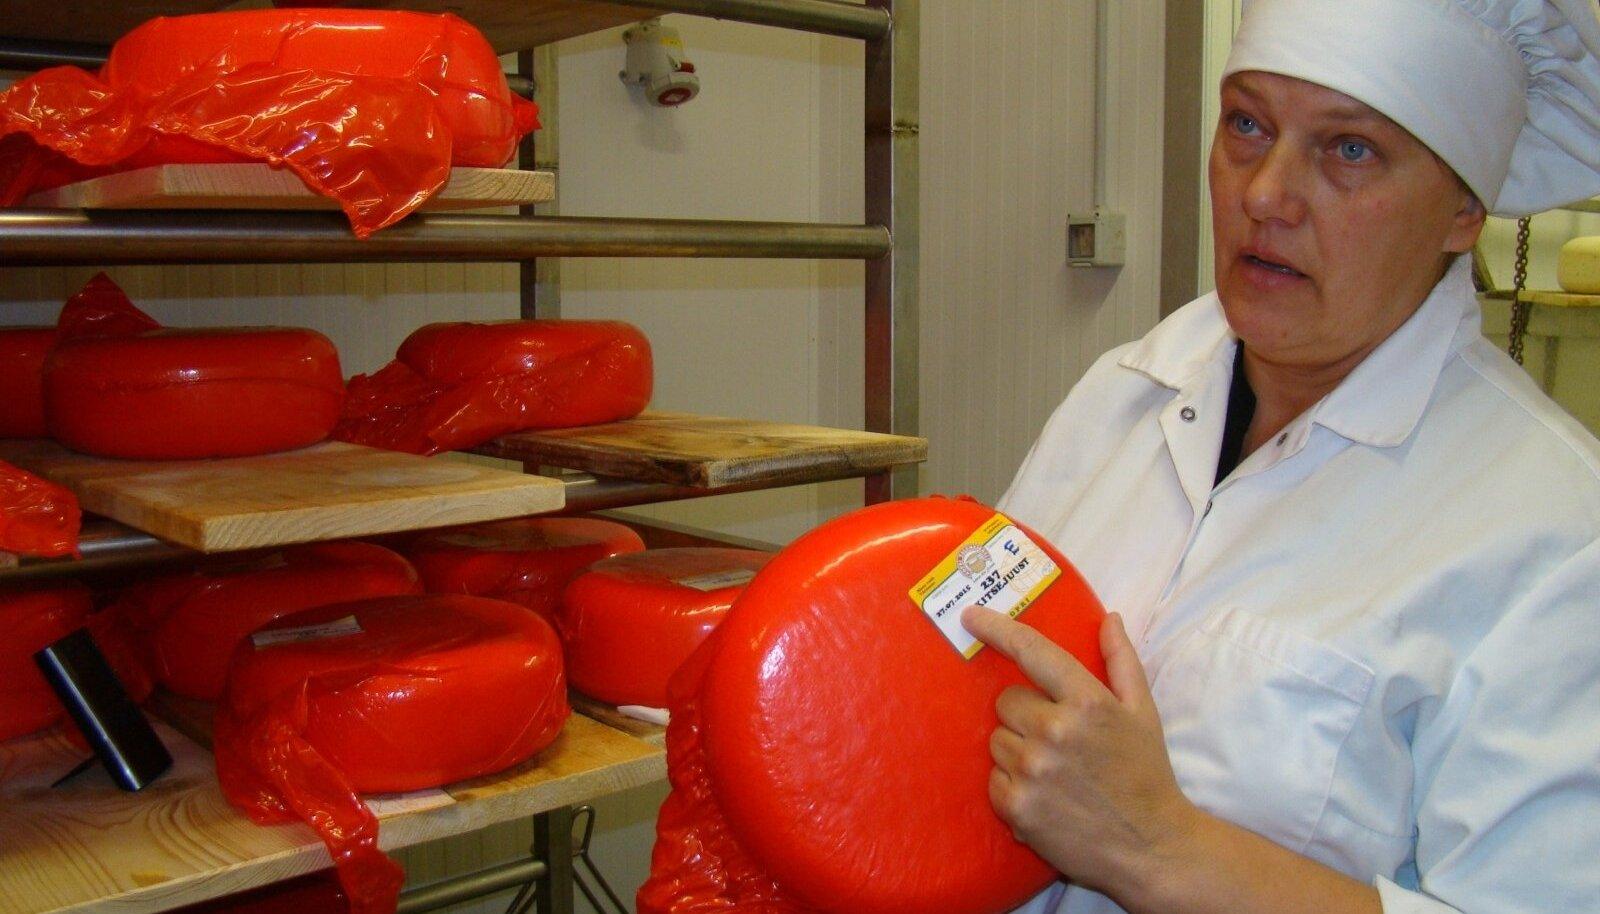 Vilve Niilo ütleb, et see umbes 100 eurot maksev kitsejuustukera läheb poodi alles jõulude paiku. Siis ostetakse kallimat sorti toidukraam alati ära.